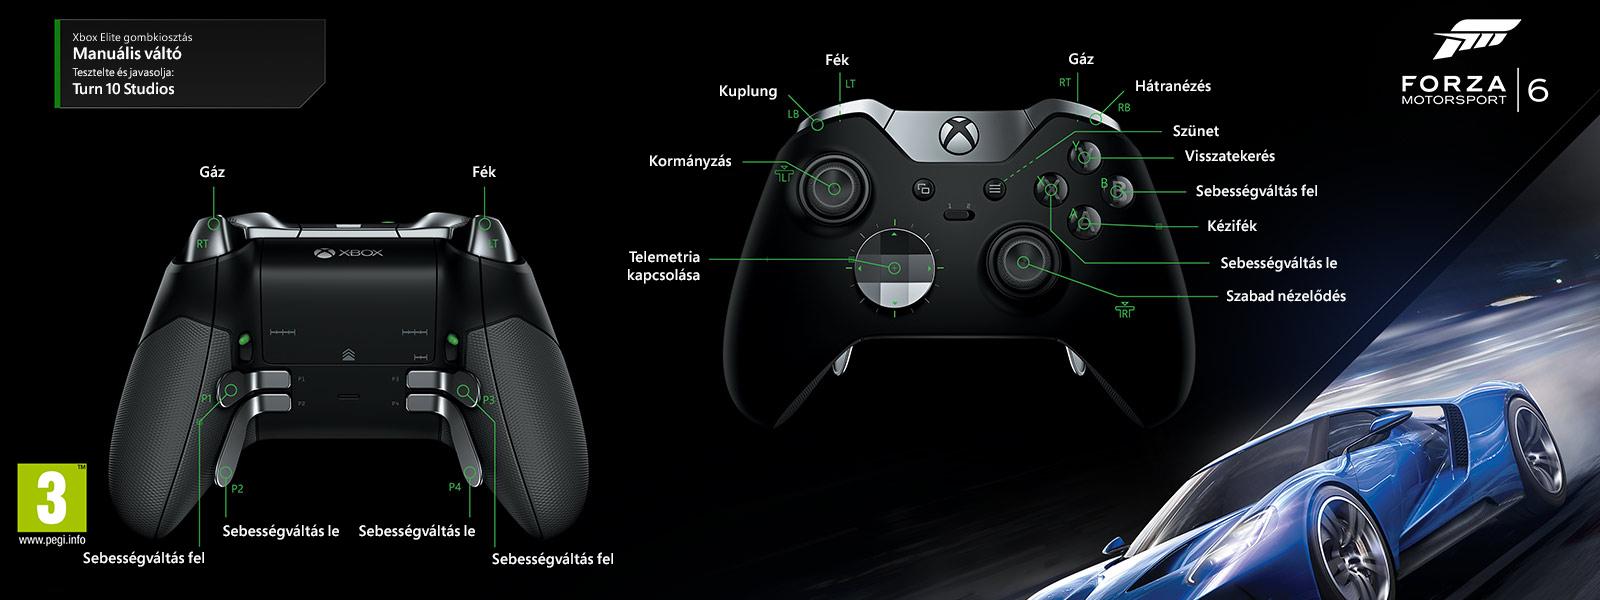 """Forza Motorsport 6 – """"kézi váltás"""" Elit-gombkiosztás"""